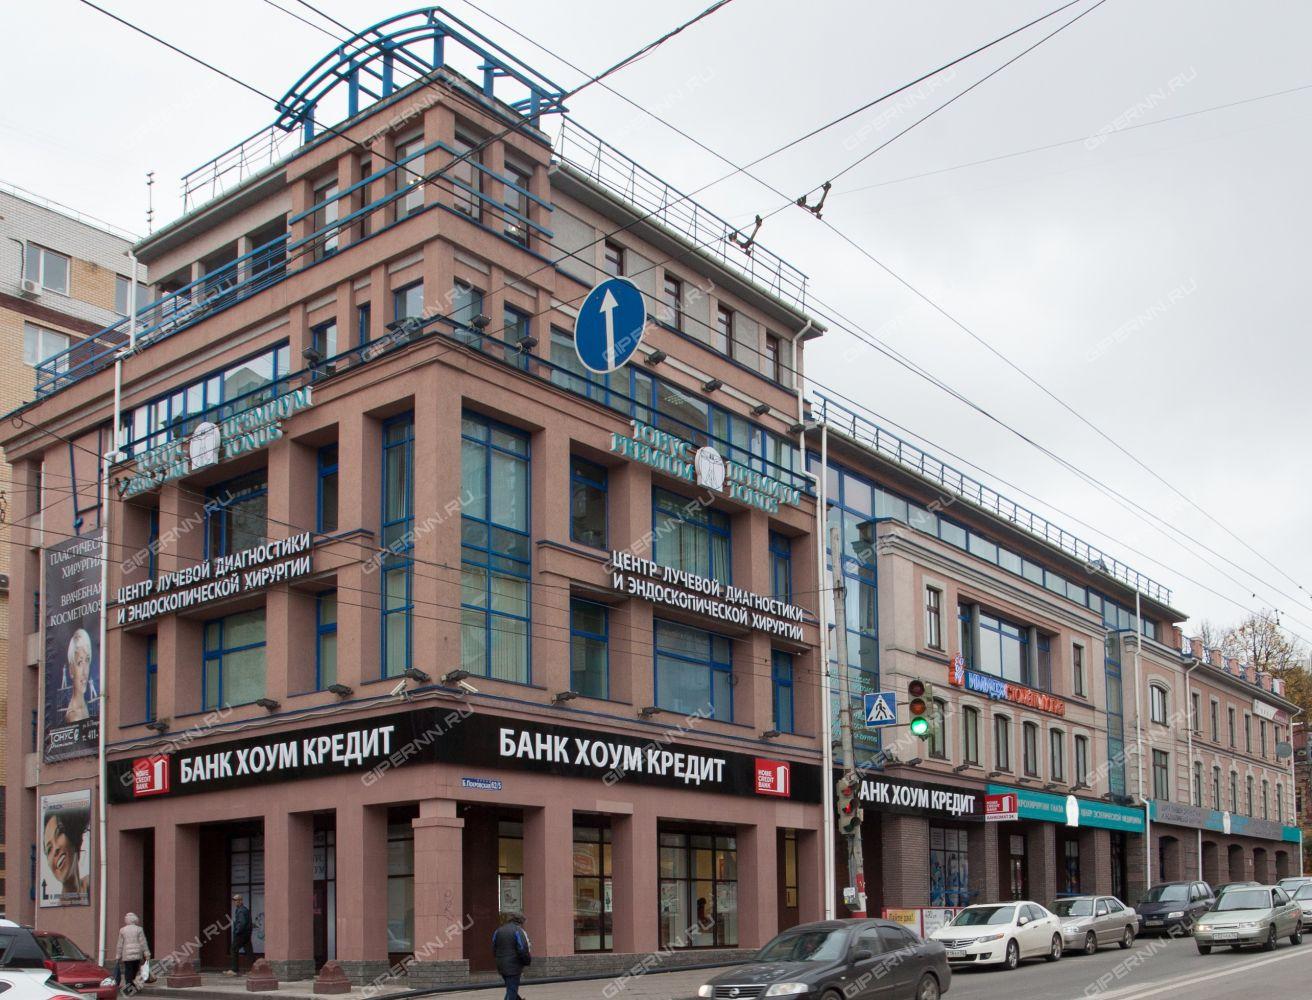 Банки которые одобряют кредит с просрочками москва